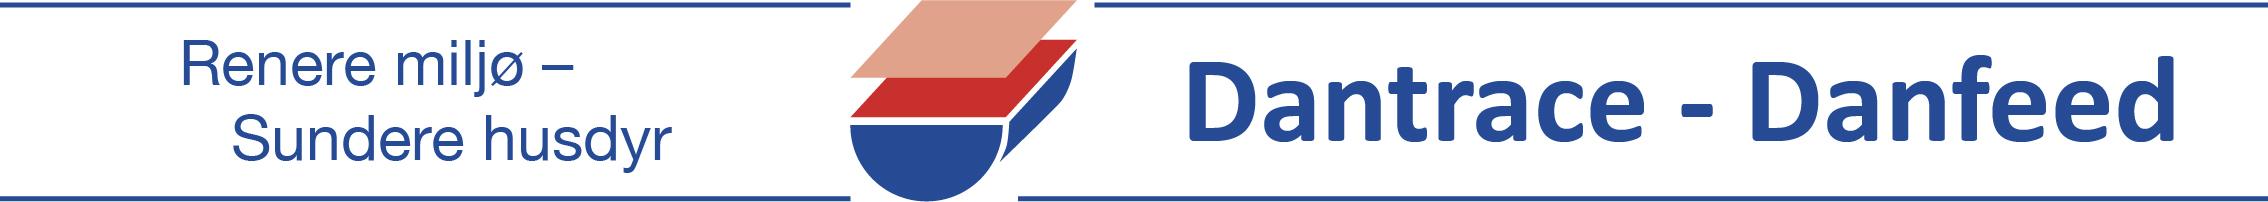 Dantrace-Danfeed Logo